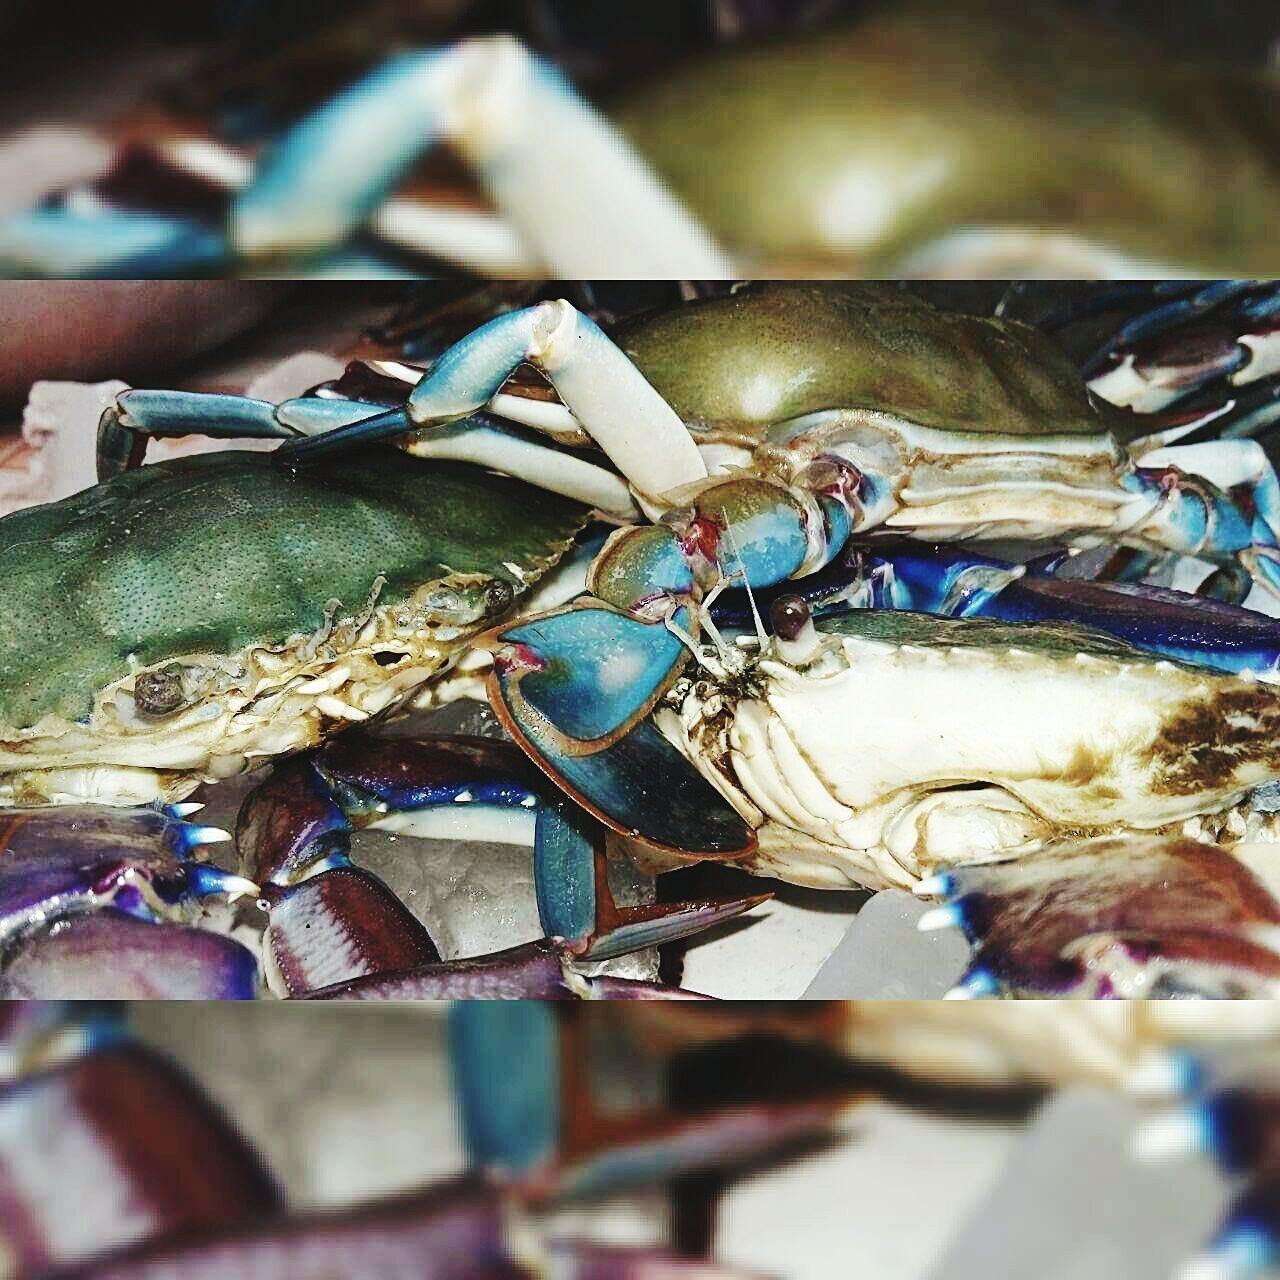 Excelencia No People Close-up Day Transportation Car Interior Summertime Cloud - Sky Indoors  animalesaAnimales Adorables Animalessueltos Animales En Libertad Sueñaconmigo Animales Animales De Poder AnimalesDeLaSelva Animalesasomados Mariscos, MariscosalaThermidor Marisco Excelencia Verano Sueños Vivos Sueño De Una Noche De Verano Only Men Vehicle Interior